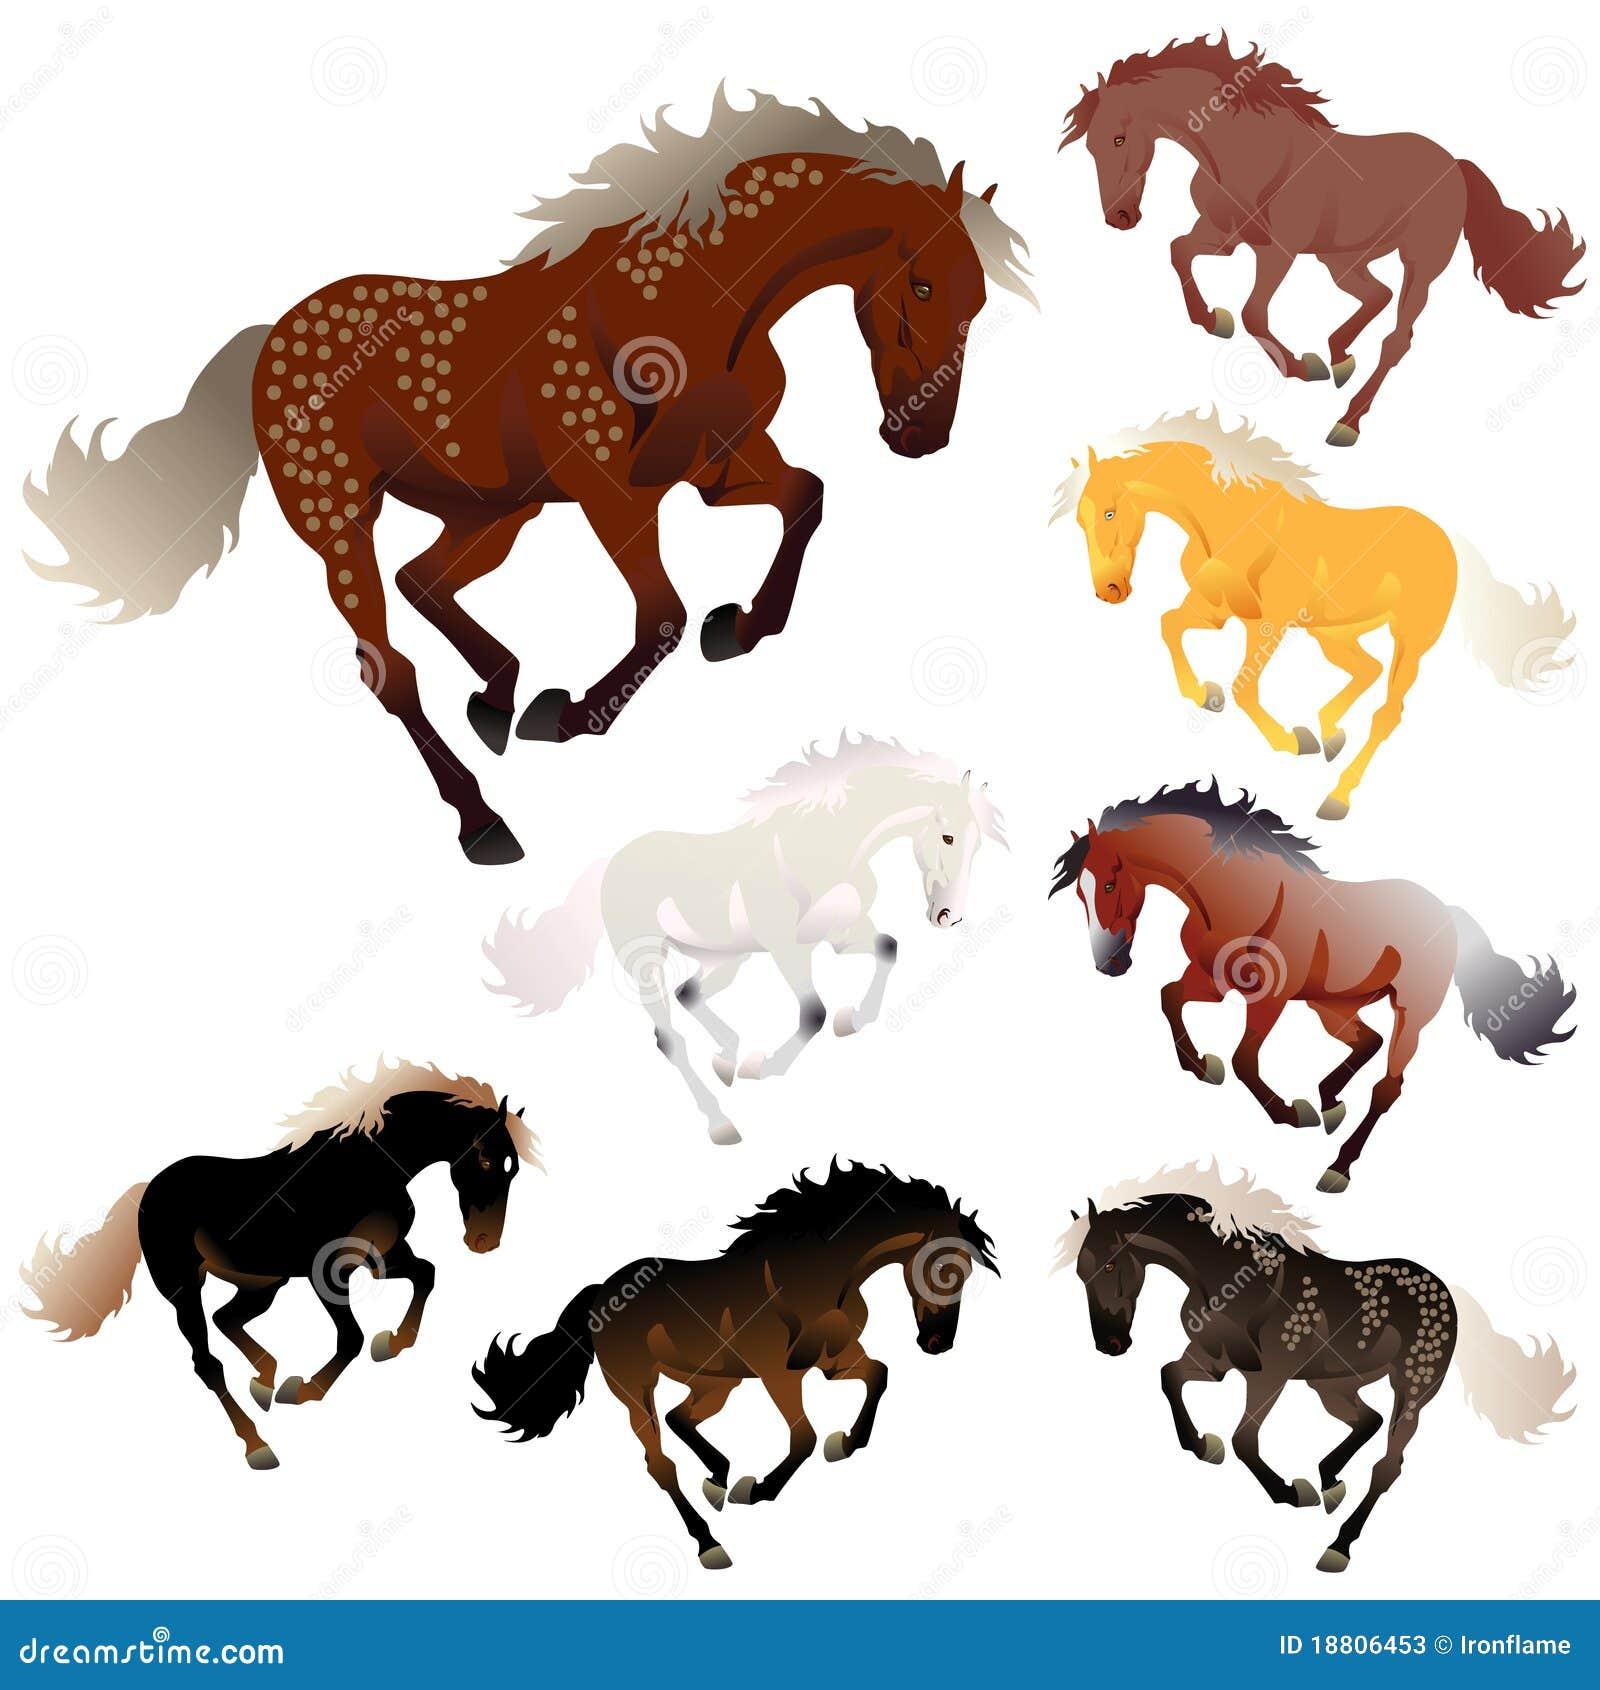 horse border clip art